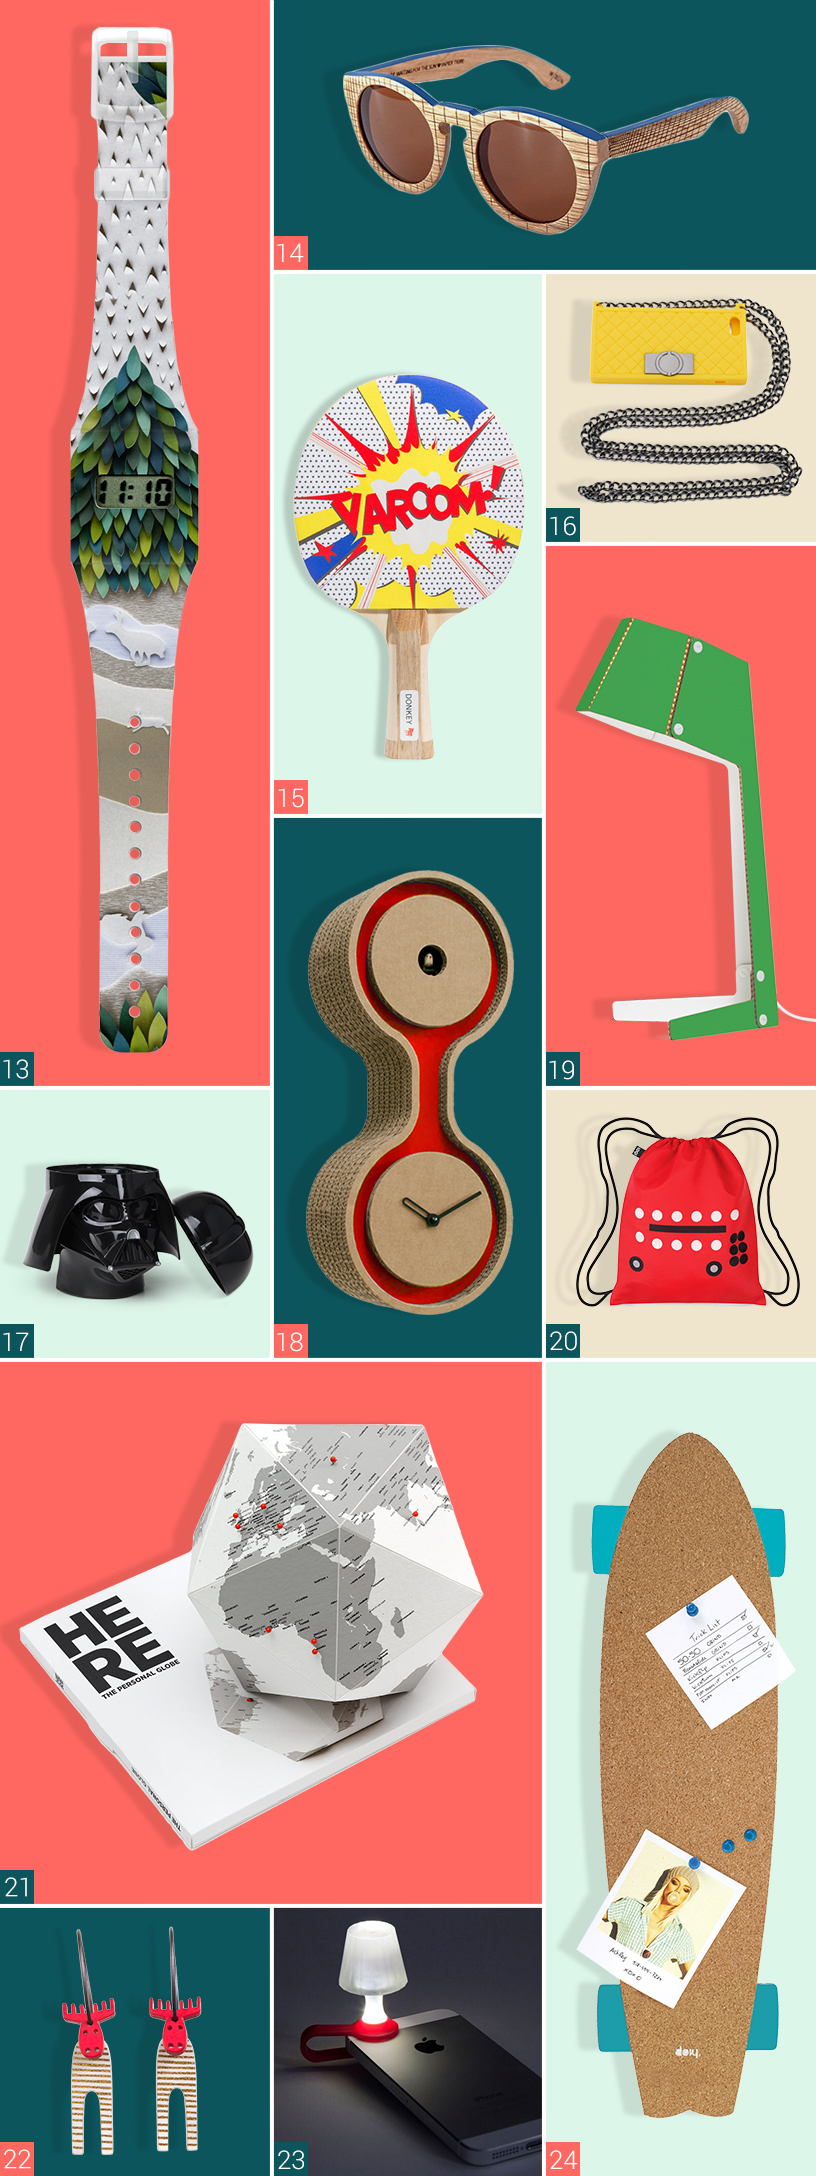 Man sieht zwölf Produkte verschiedener Hersteller. Links oben im Bild ist eine Armbanduhr von I Like Paper zu sehen. Im oberen Bild daneben ist eine Sonnenbrille von Papier Tigre abgebildet. Unterhalb dessen ist ein Tischtennisschläger von Donkey Products zu sehen. Daneben ist eine Handy-Tasche von O.Jacky abgebildet. In der Mitte des Bildes ist ein schwarzer Behälter von Room Copenhagen zu sehen. Daneben s ieht man eine Wanduhr von Progetti. Rechts daneben ist eine Tischlampe von And Bros und ein Rucksack von Loqi abgebildet. Links darunter ist ein Papier-Globus von Palomar zu sehen und darunter Ohrringe in Elchform von Lene Lundberg. Daneben ist ein Handy-Nachtlicht von Peleg Design und eine Pinnwand von Doiy zu sehen.